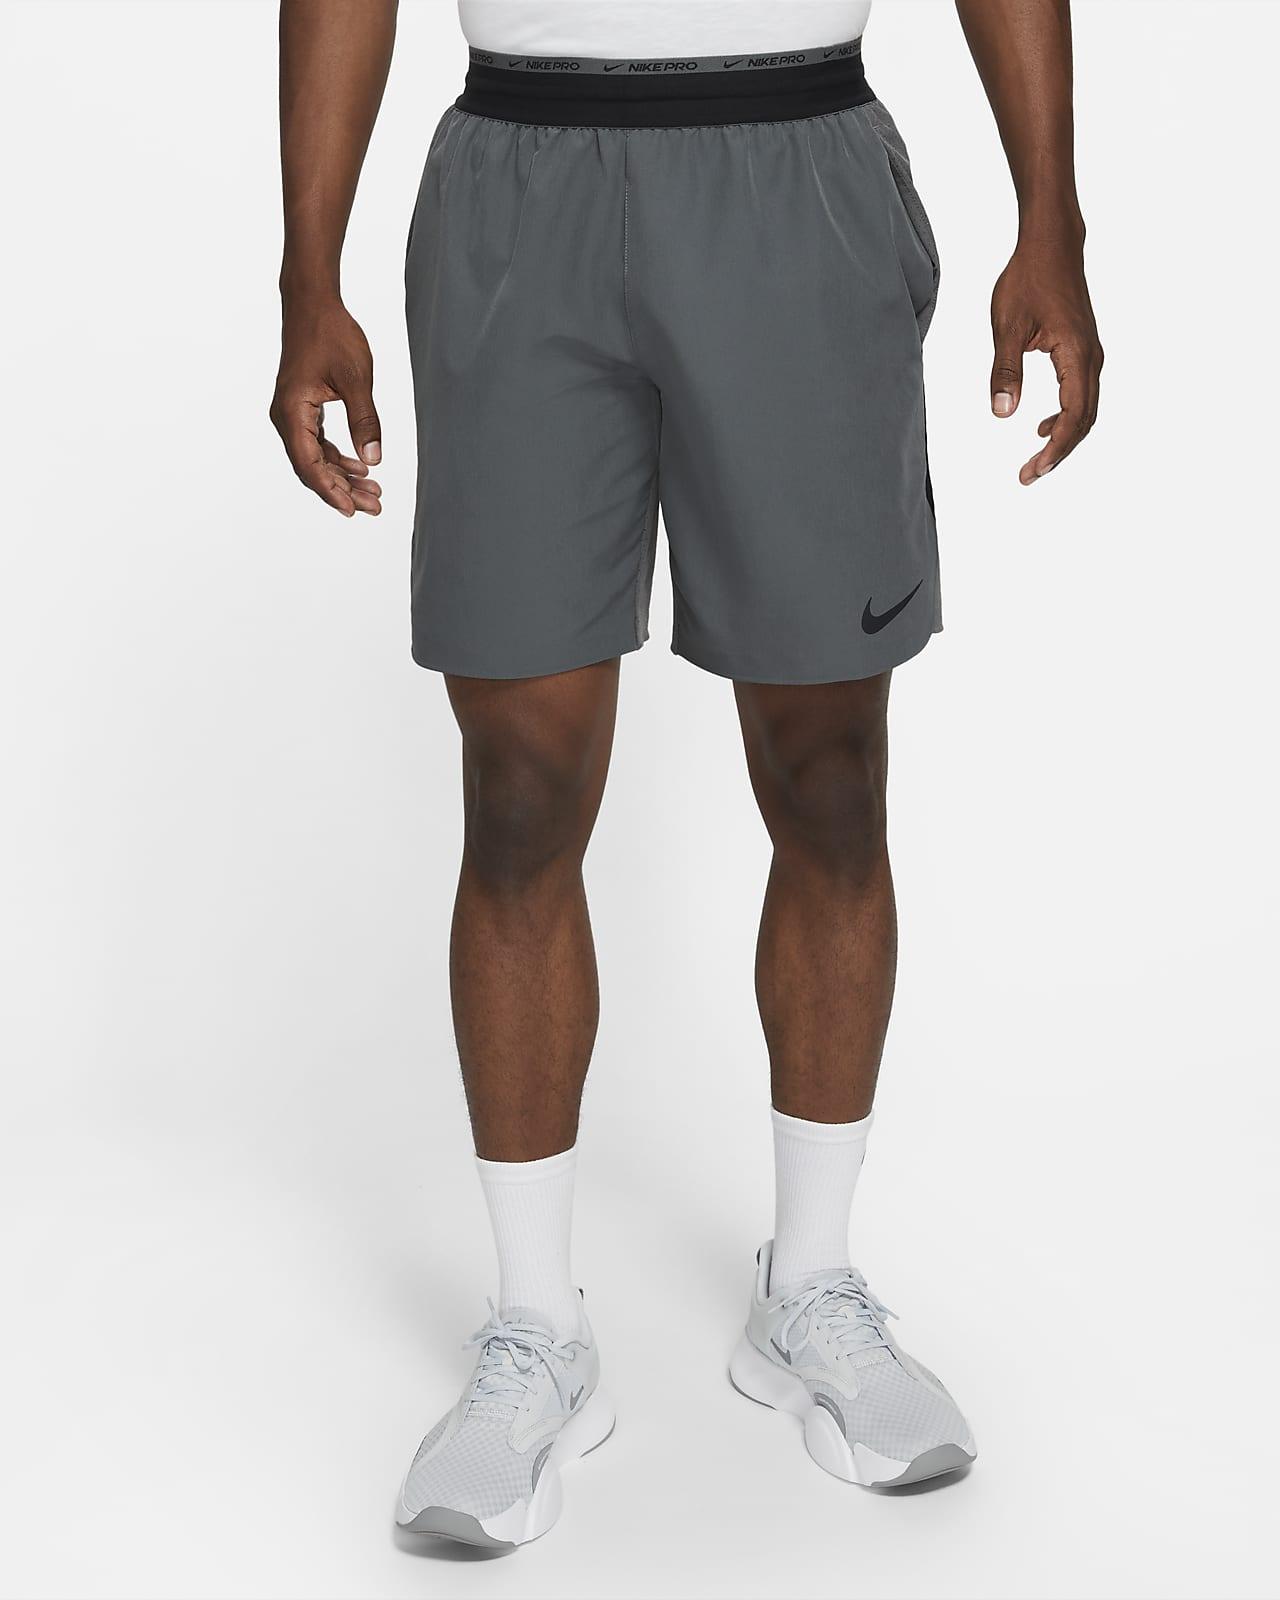 Ανδρικό σορτς Nike Pro Dri-FIT Flex Rep